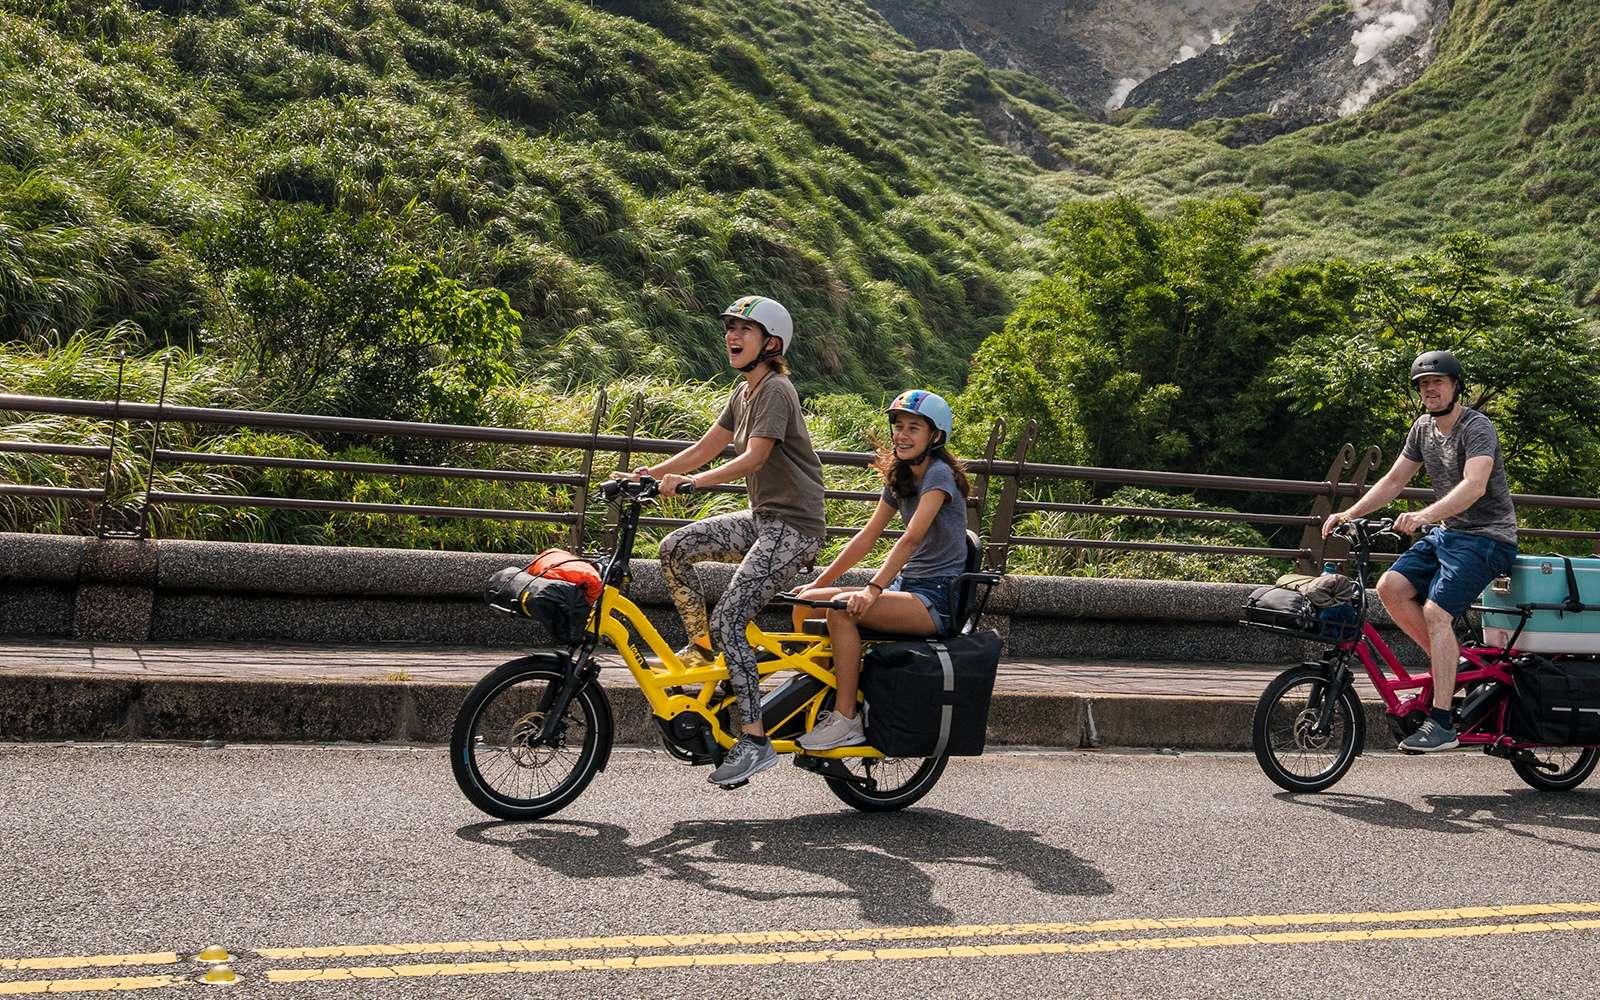 Le nouveau Tern GSD mesure 1,86 mètre de long, ce qui correspond à la taille d'un vélo standard. © Tern Bicycles